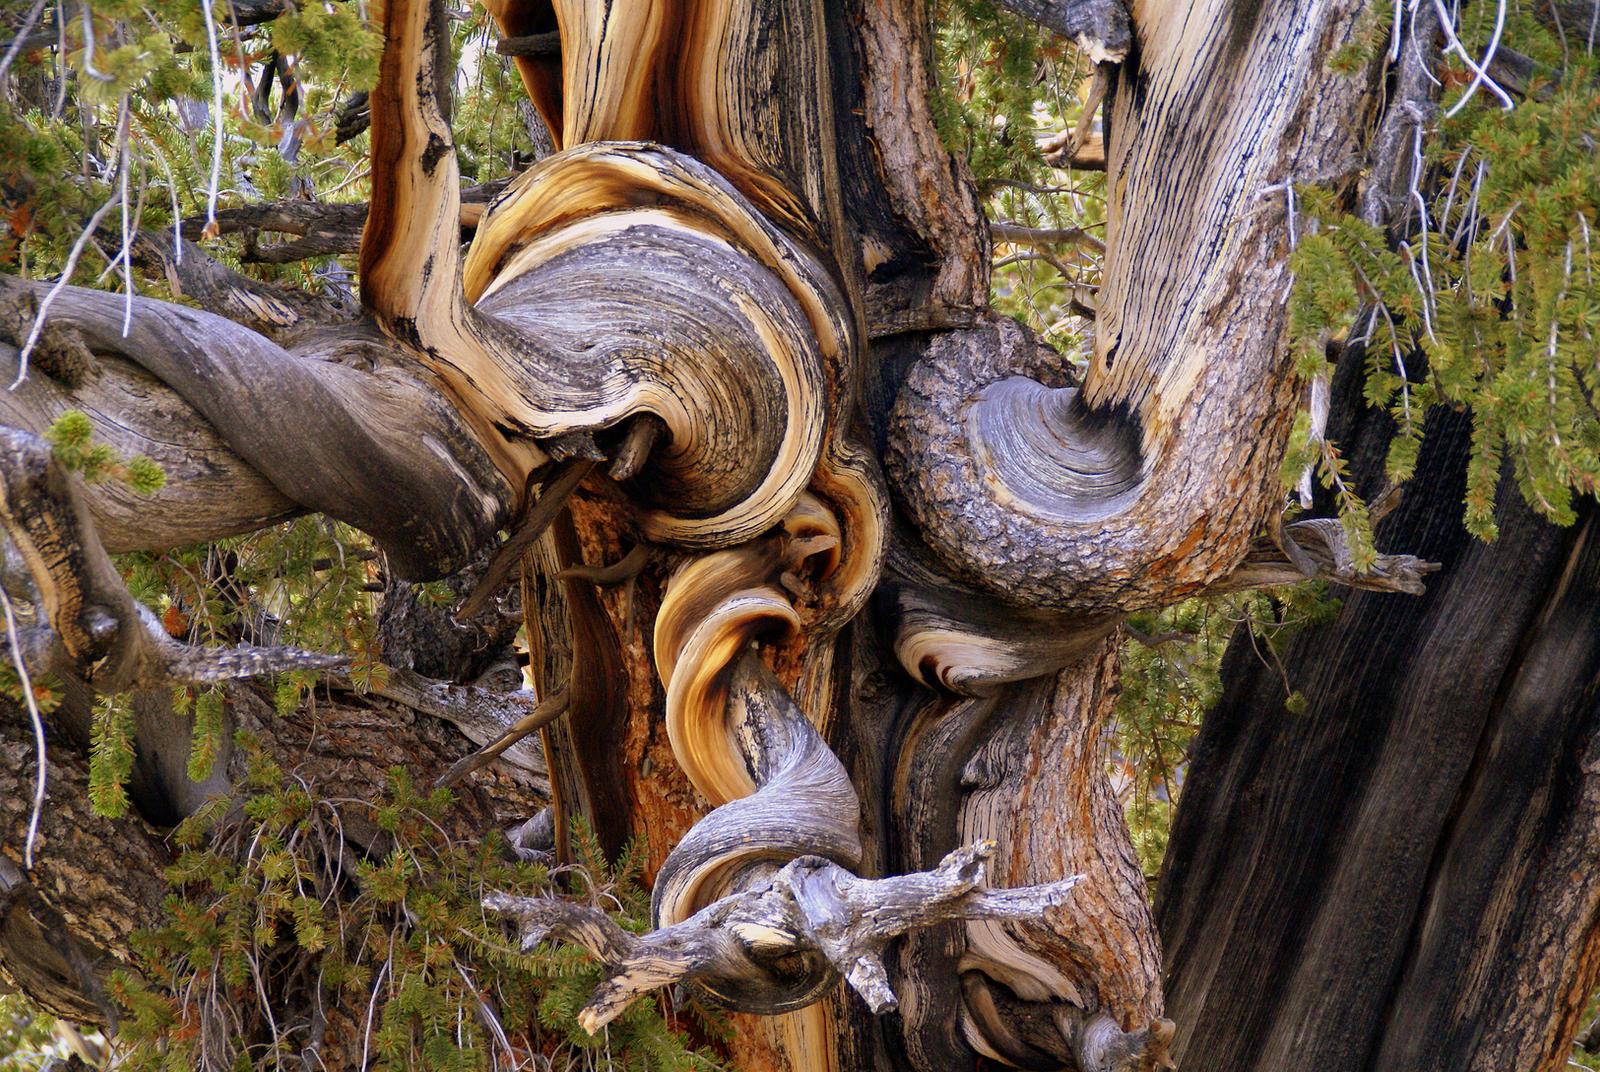 Bristlecone Pine Burl